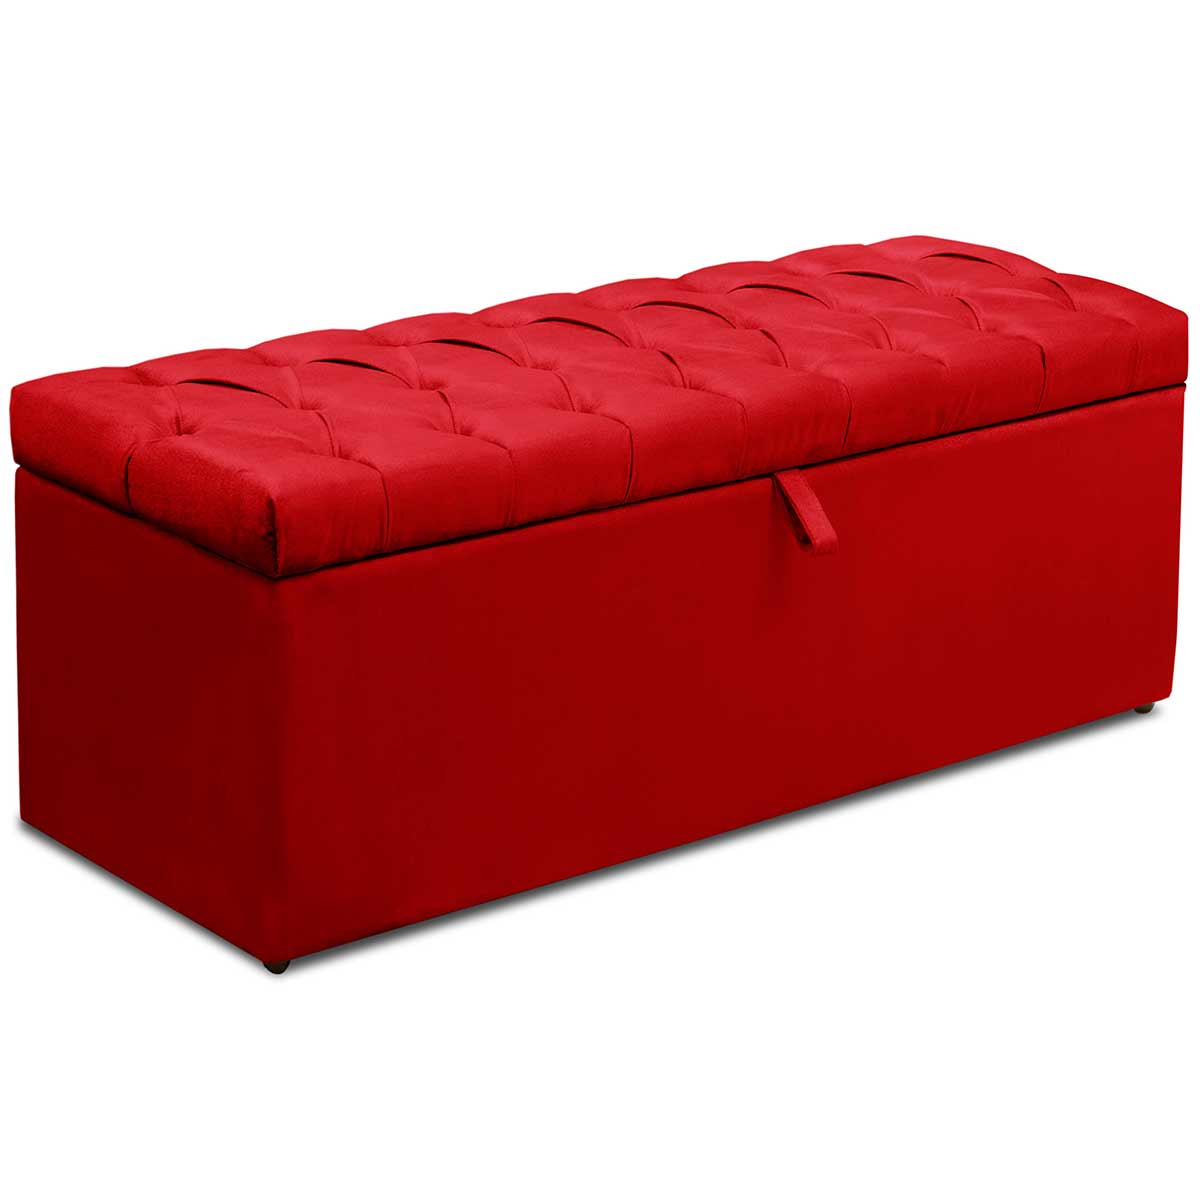 Calçadeira com Baú Itália Animale Vermelho 140 cm